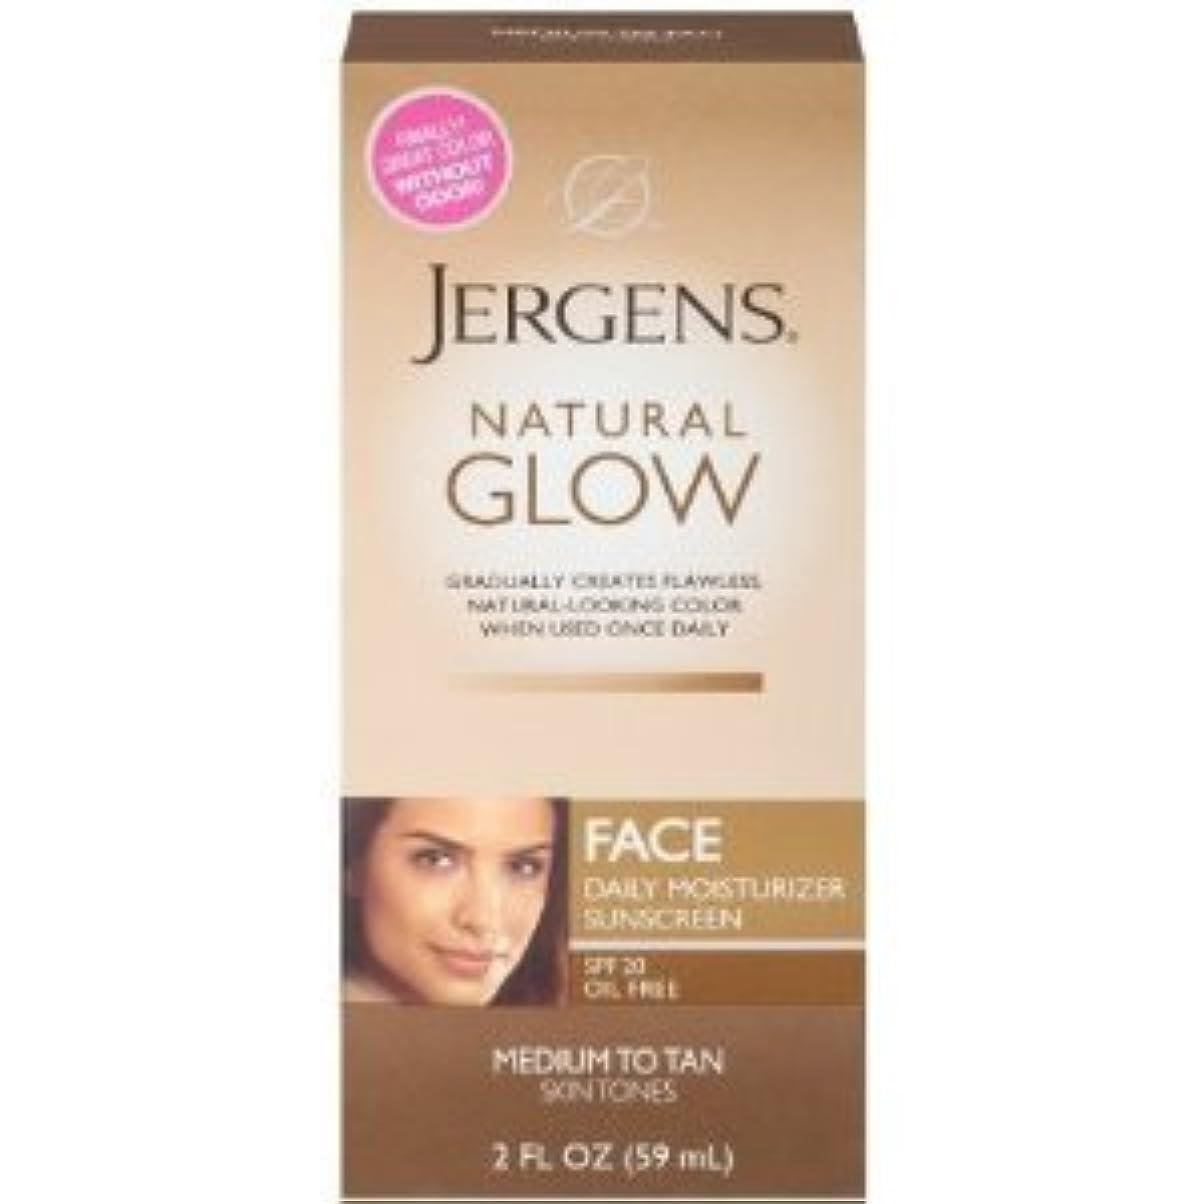 更新ライフルリスクNatural Glow Healthy Complexion Daily Facial Moisturizer, SPF 20, Medium to Tan, (59ml) (海外直送品)